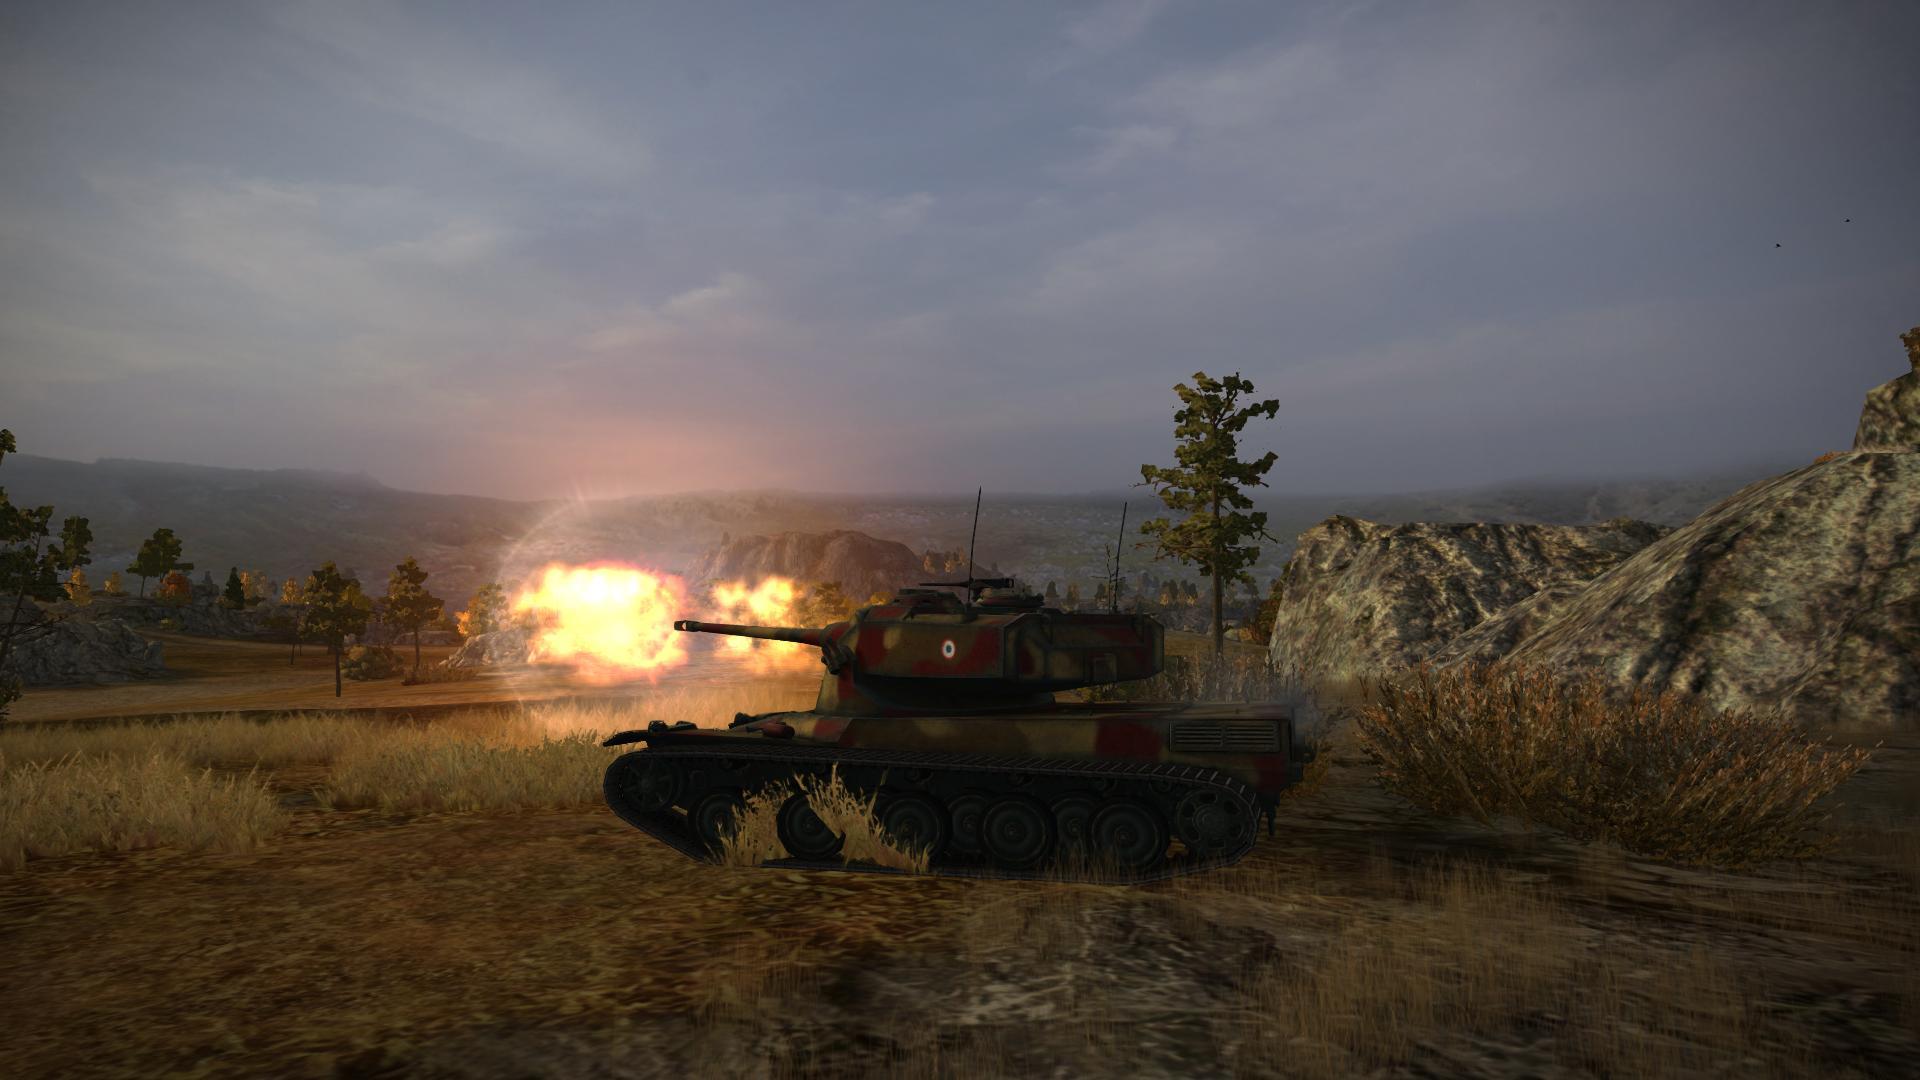 Klicke auf die Grafik für eine größere AnsichtName:AMX 50 B_8.jpgHits:81Größe:166,1 KBID:6073